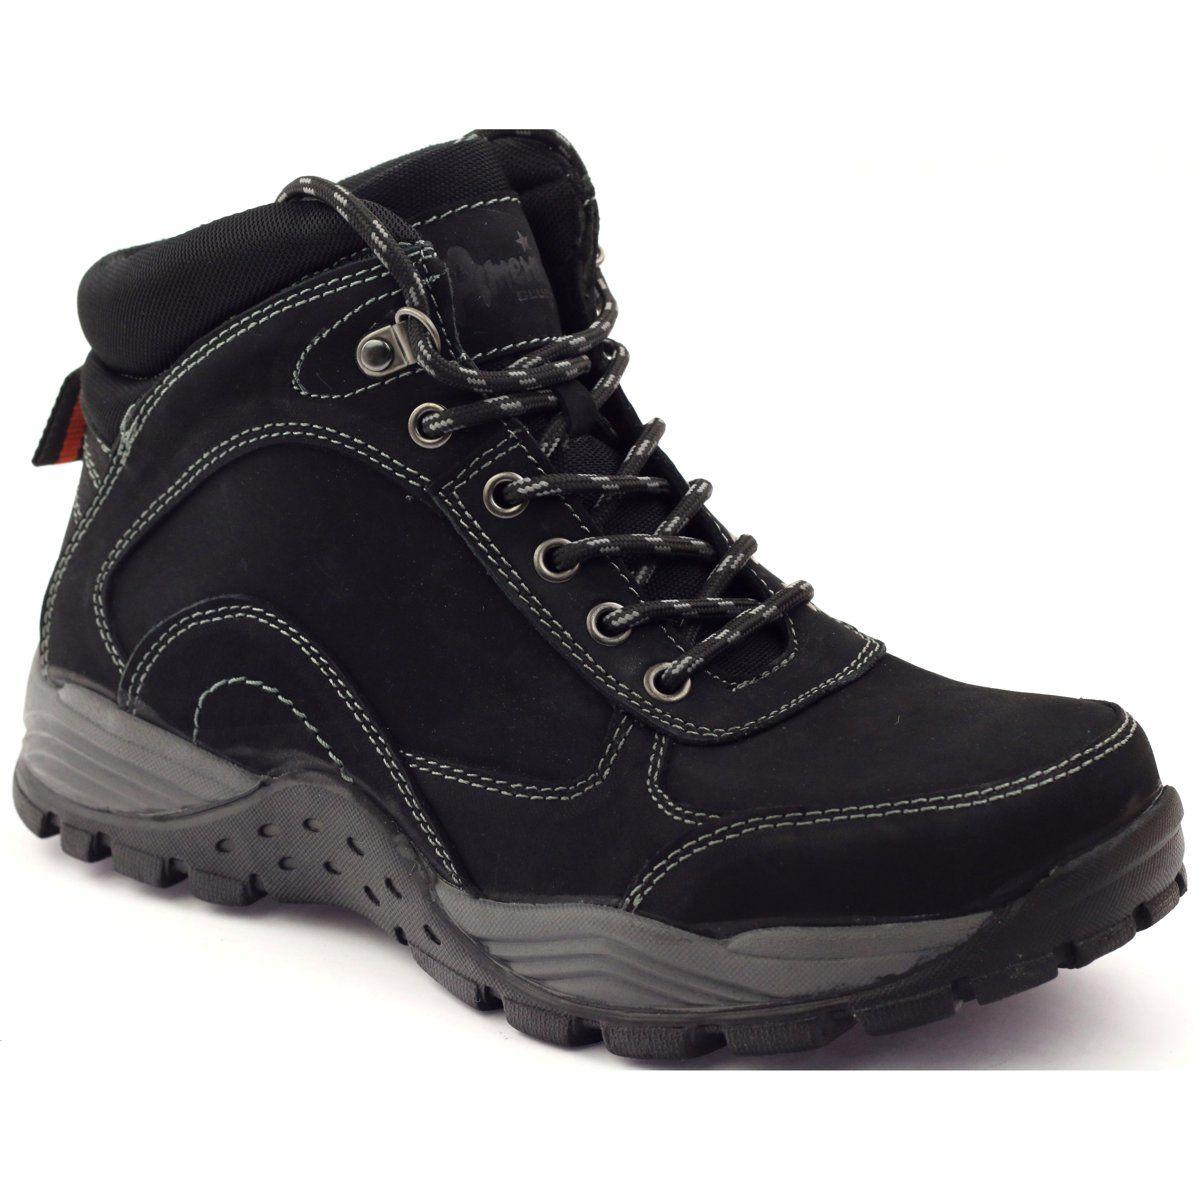 Trekkingi Skorzane American Club 15673 Czarne Boots Men S Shoes Shoes